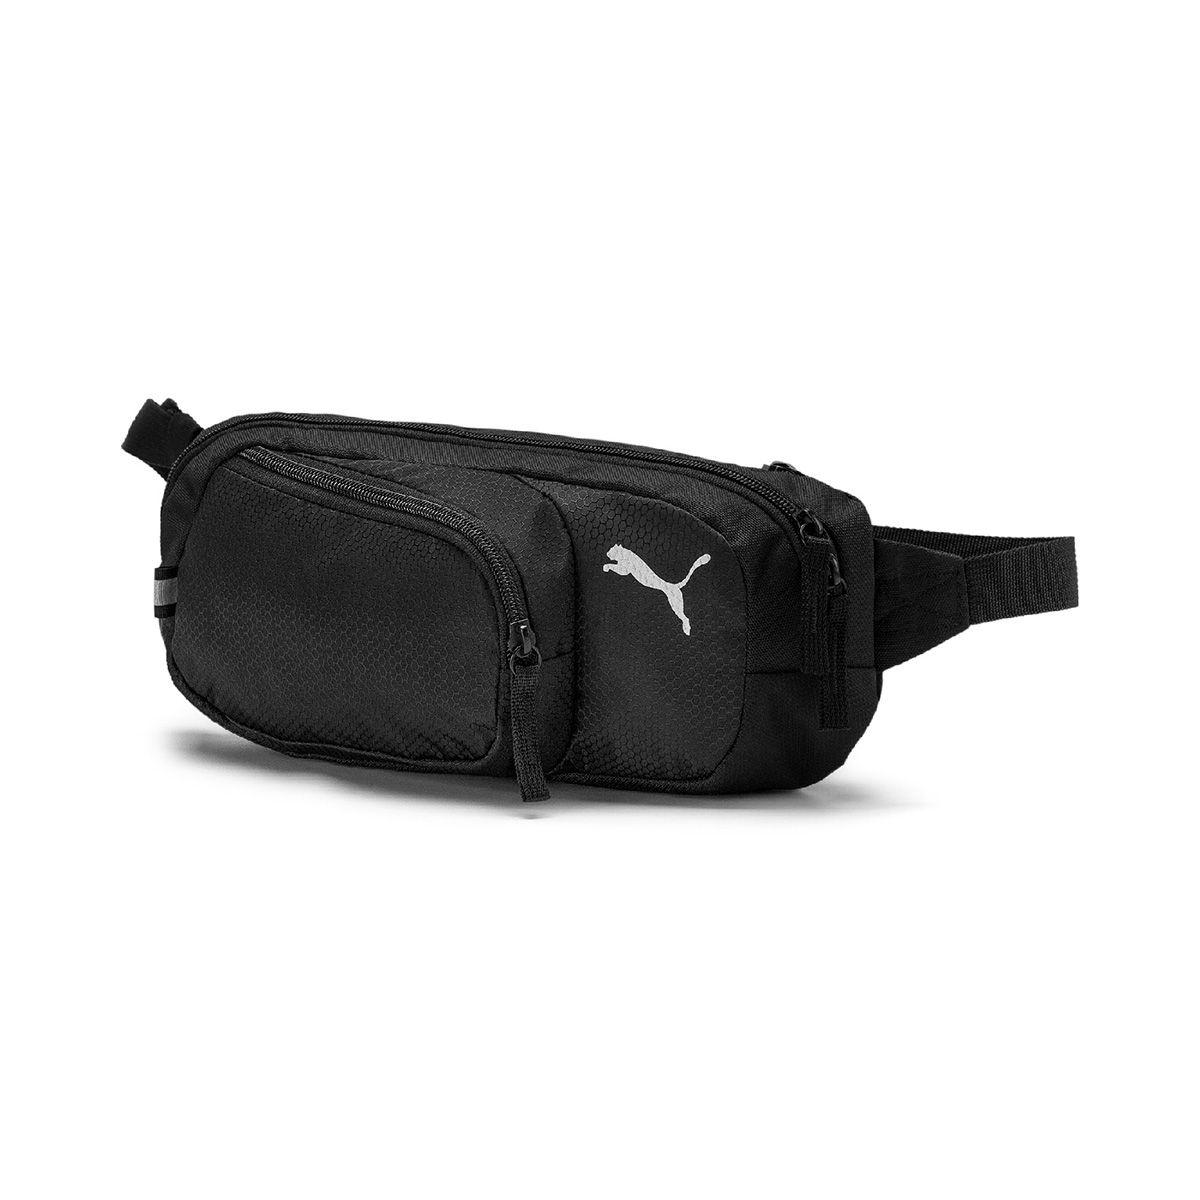 Pochete Puma X Multi Waist Bag - Preto